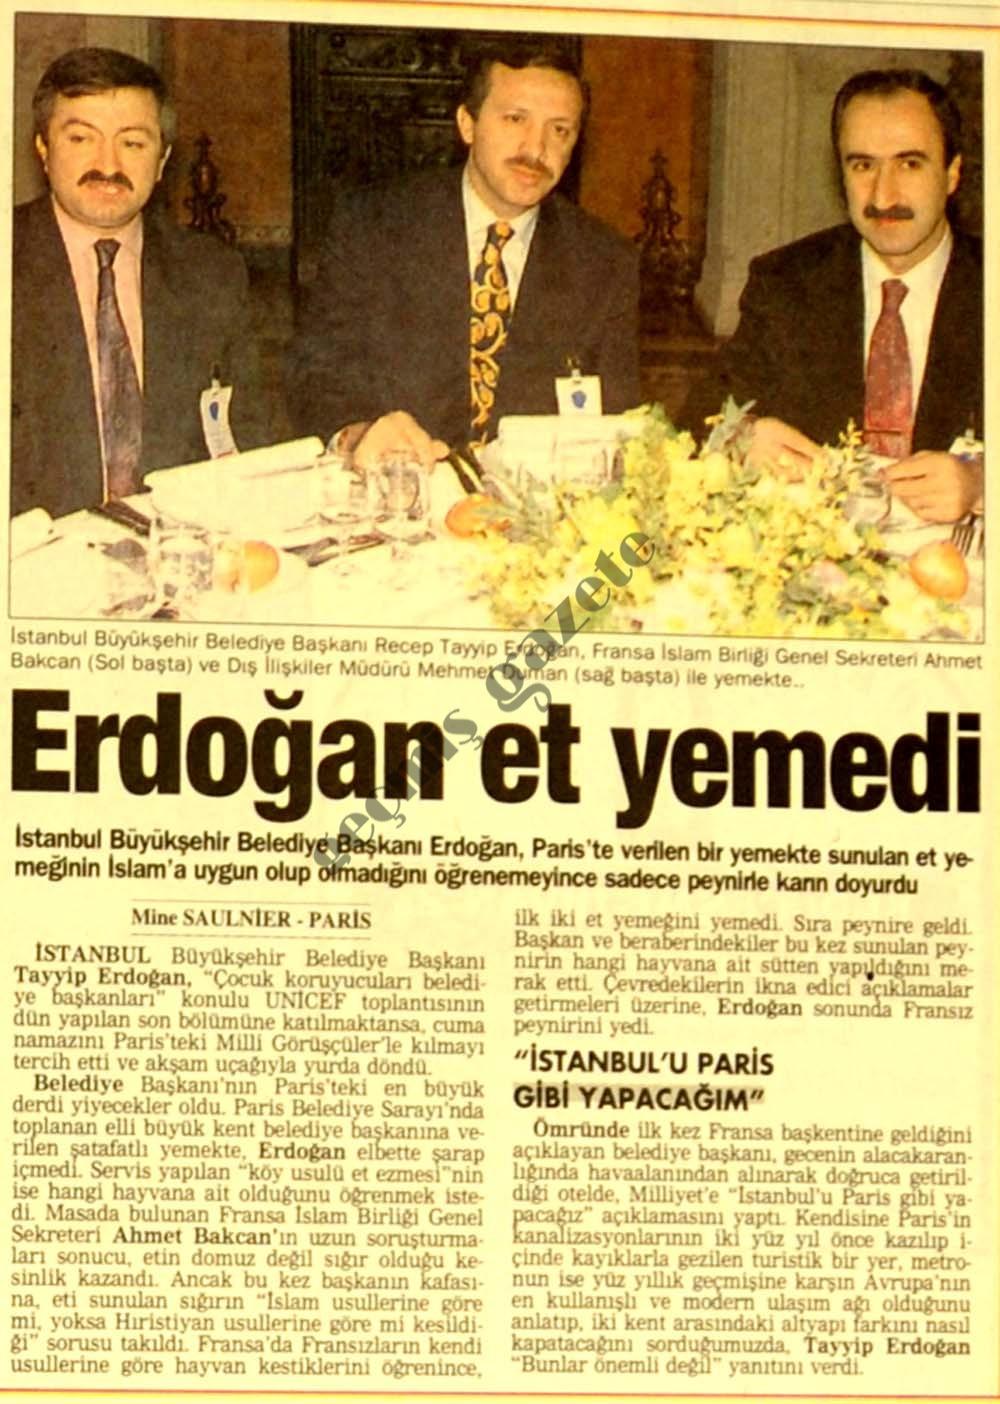 Erdoğan et yemedi